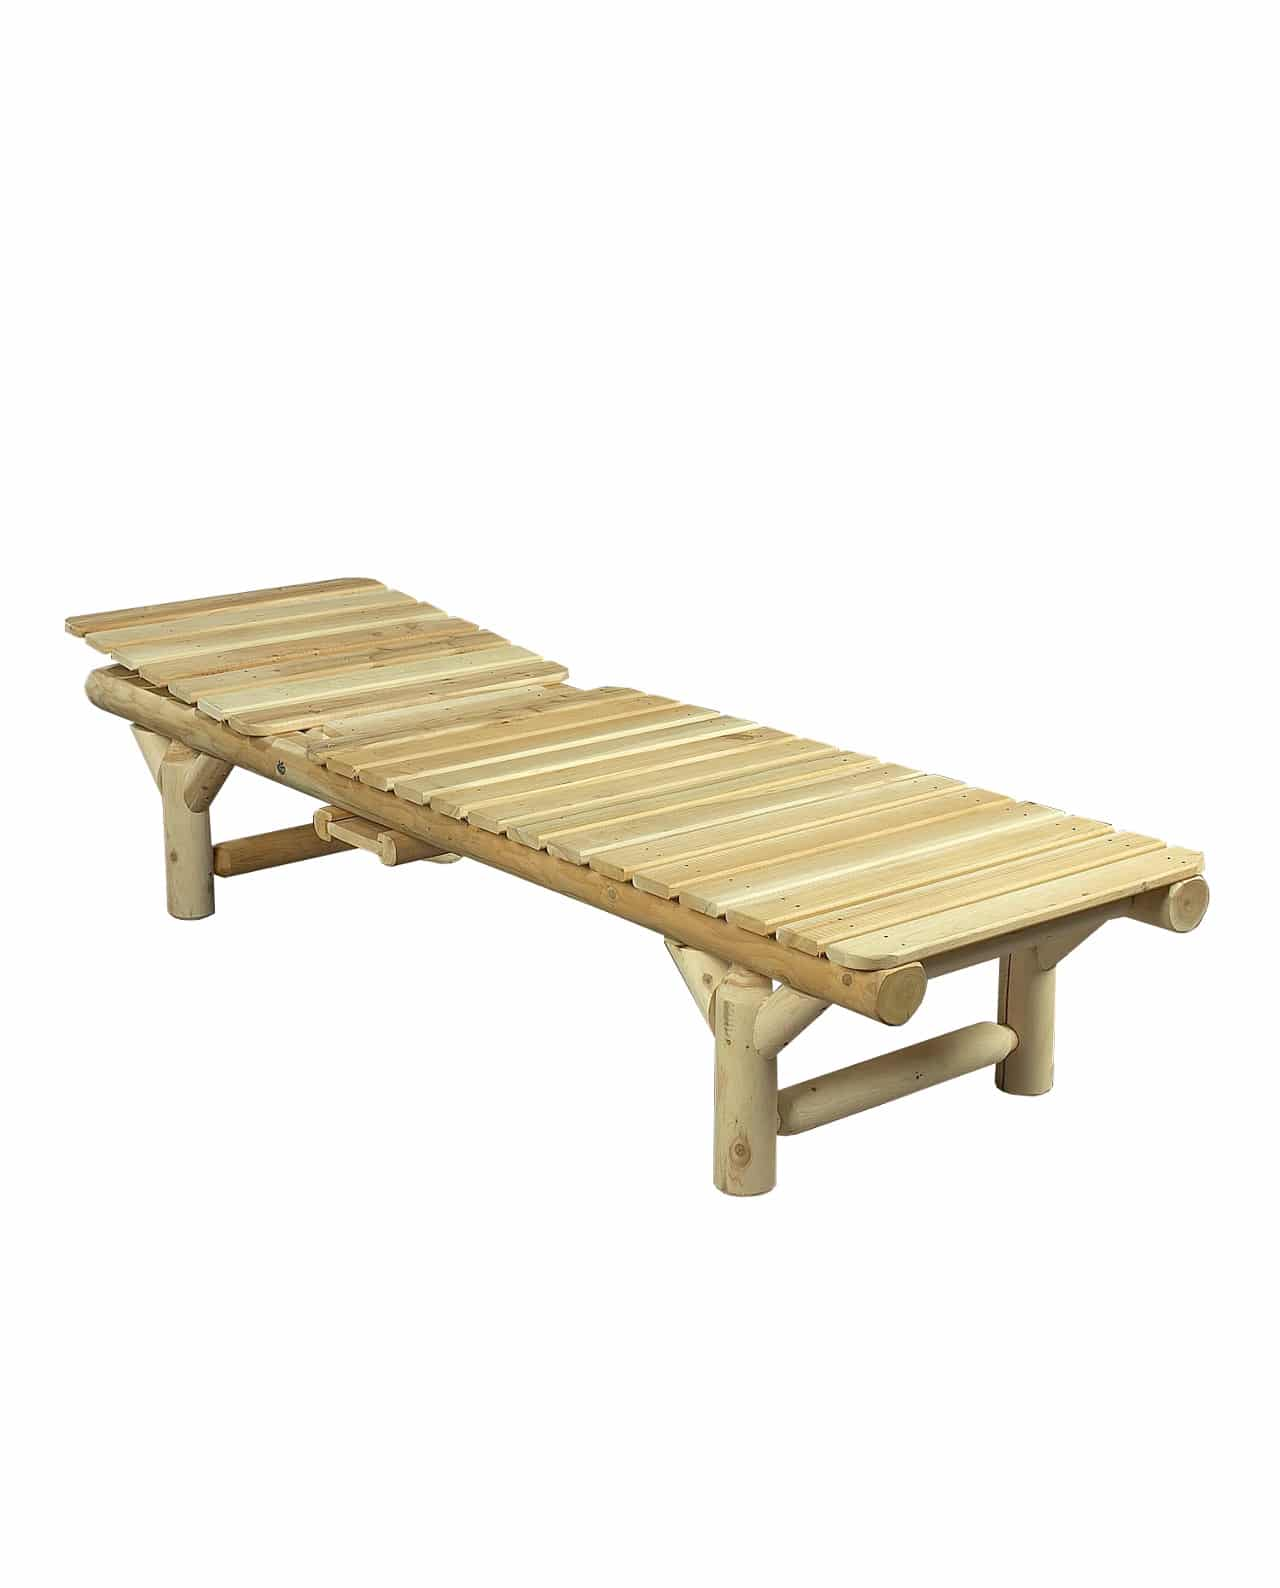 Bain de soleil en bois de c dre blanc c dre rondins - Chaise longue en bois ...